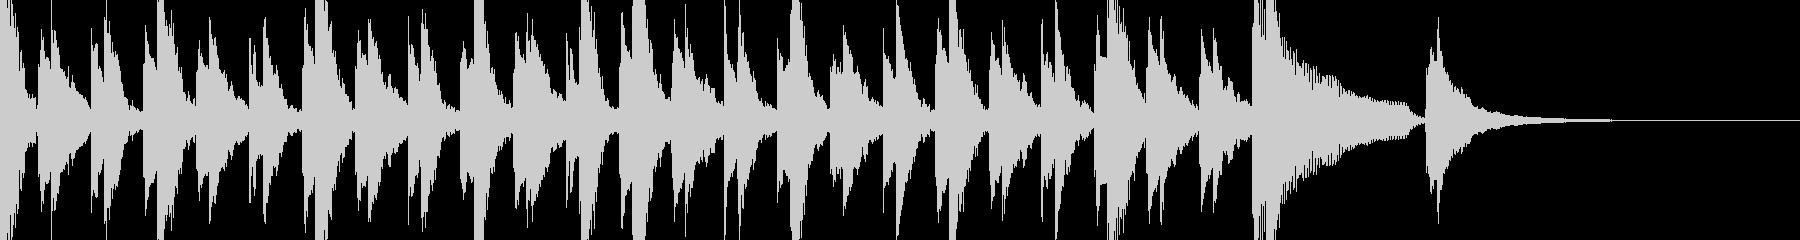 ピアノとベルのジングル 3拍子の未再生の波形